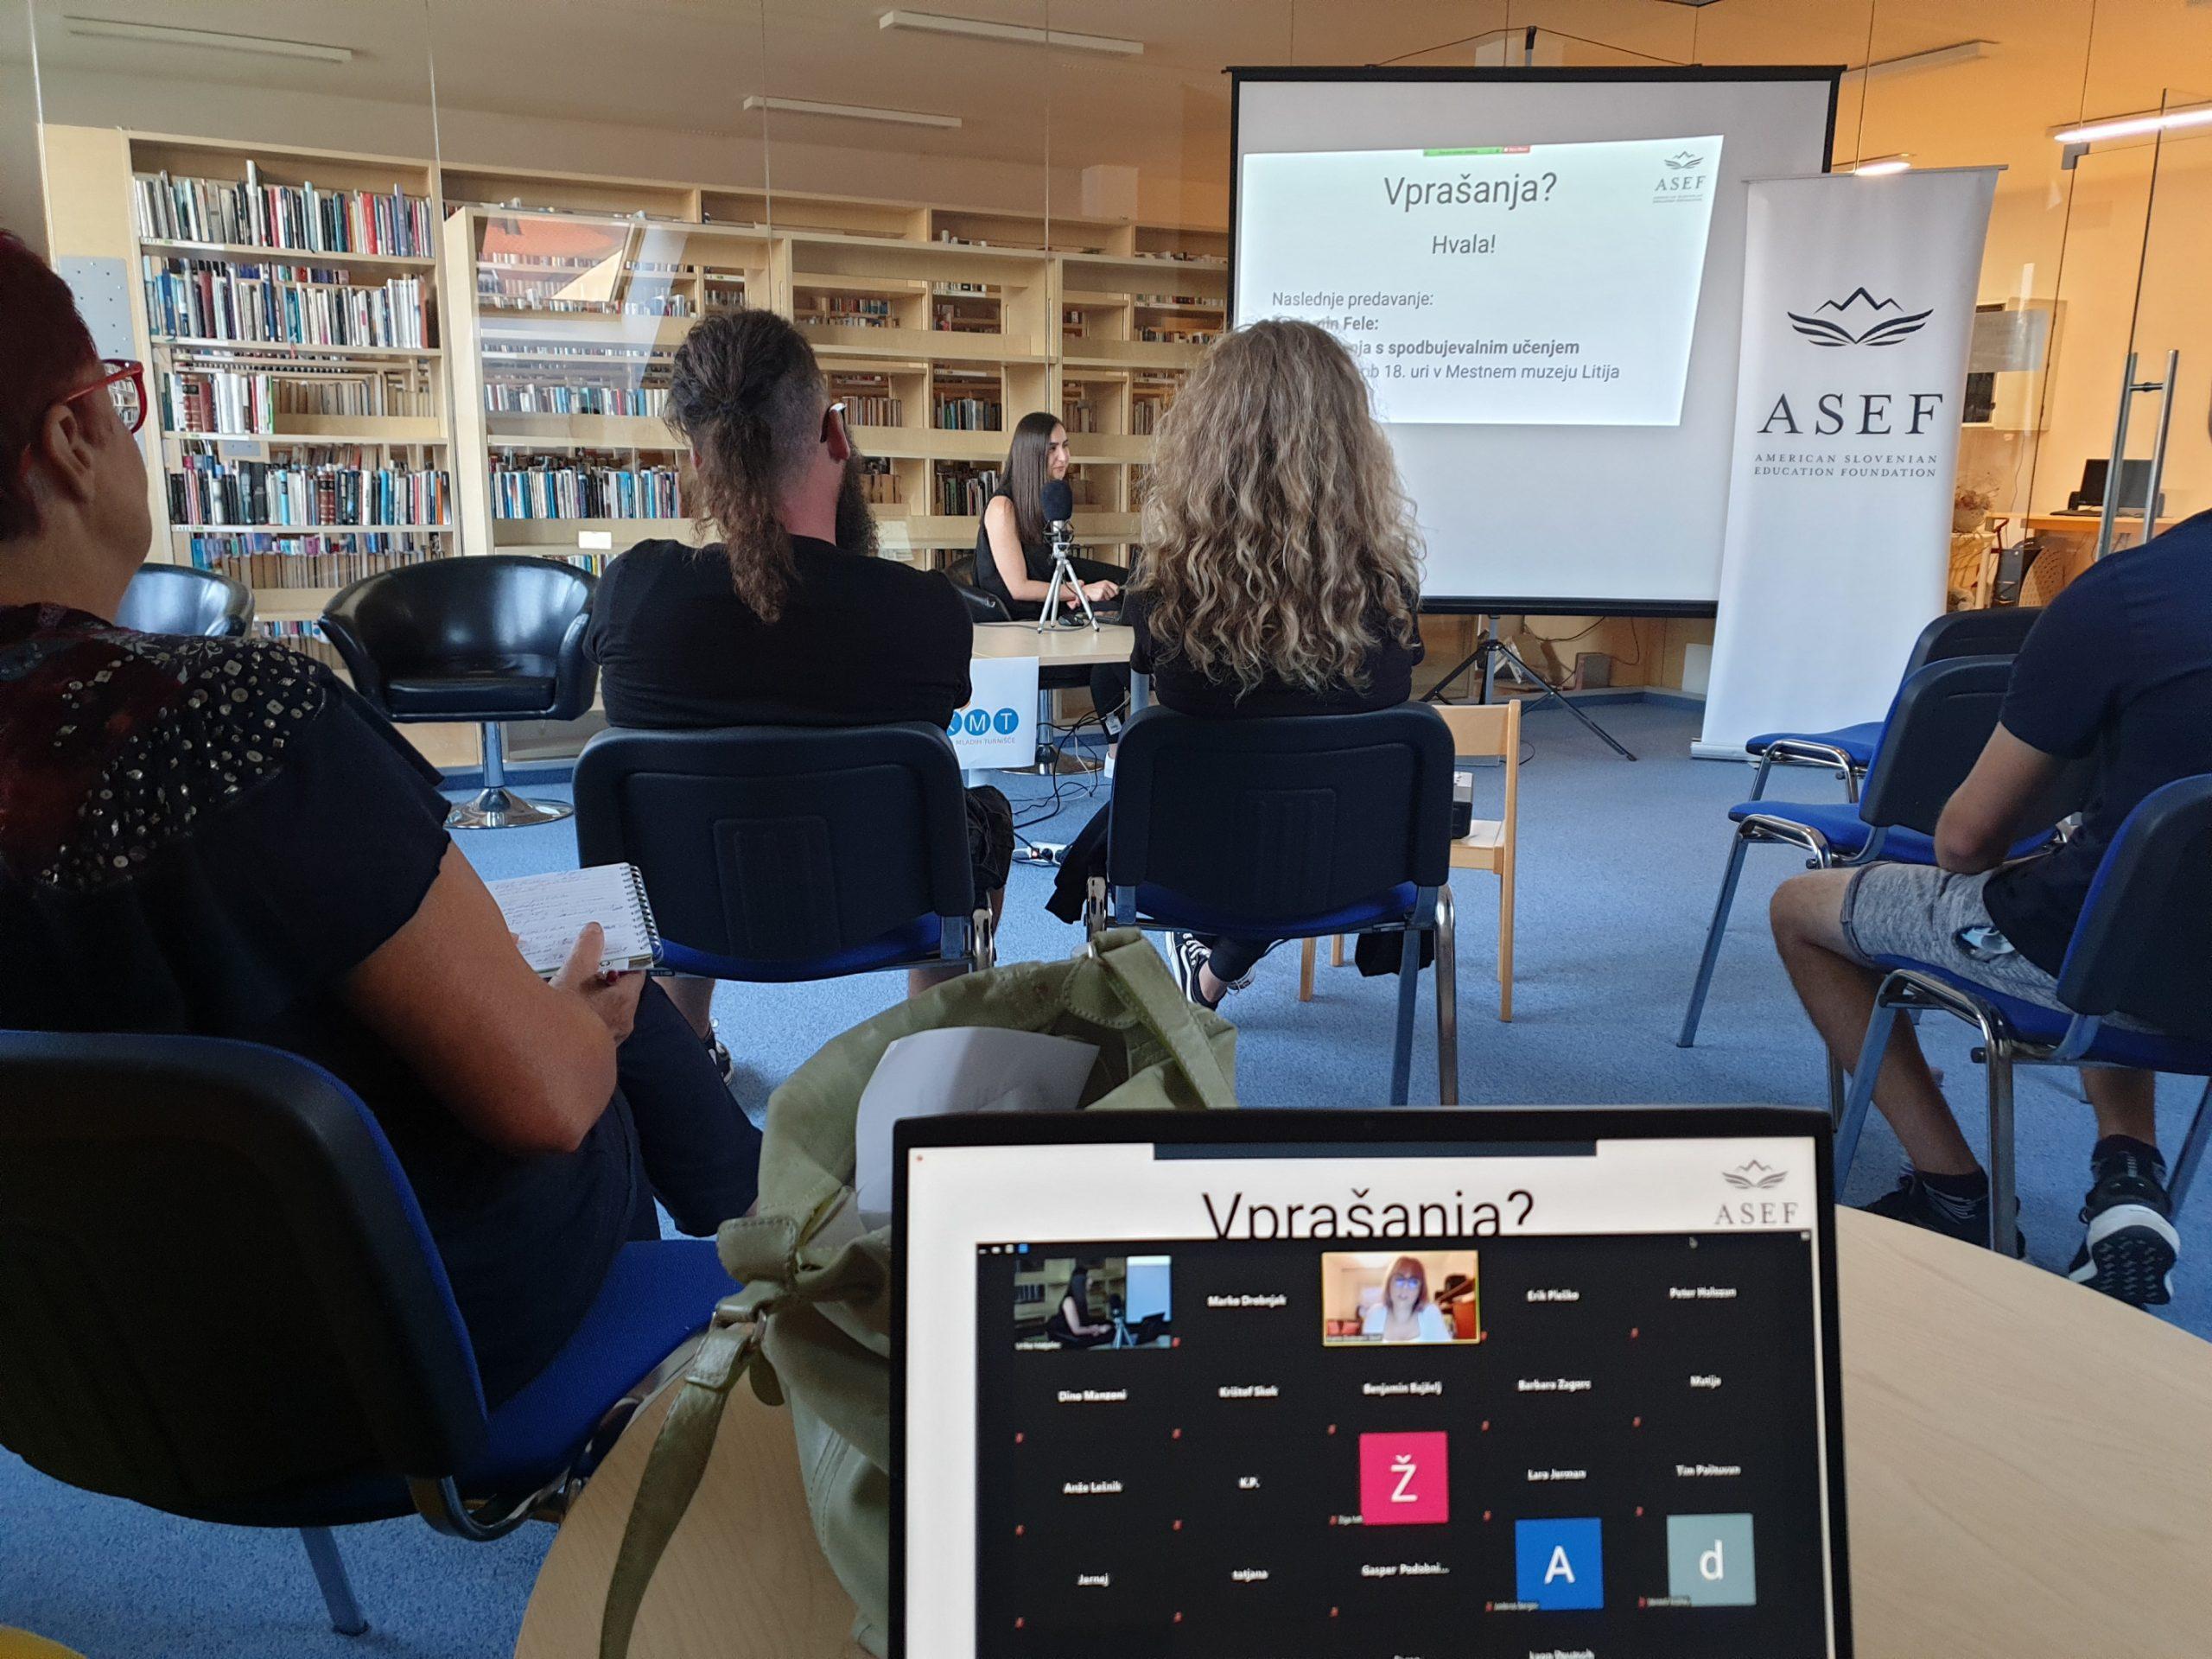 Pogled iz strani poslušalca med predavanjem.